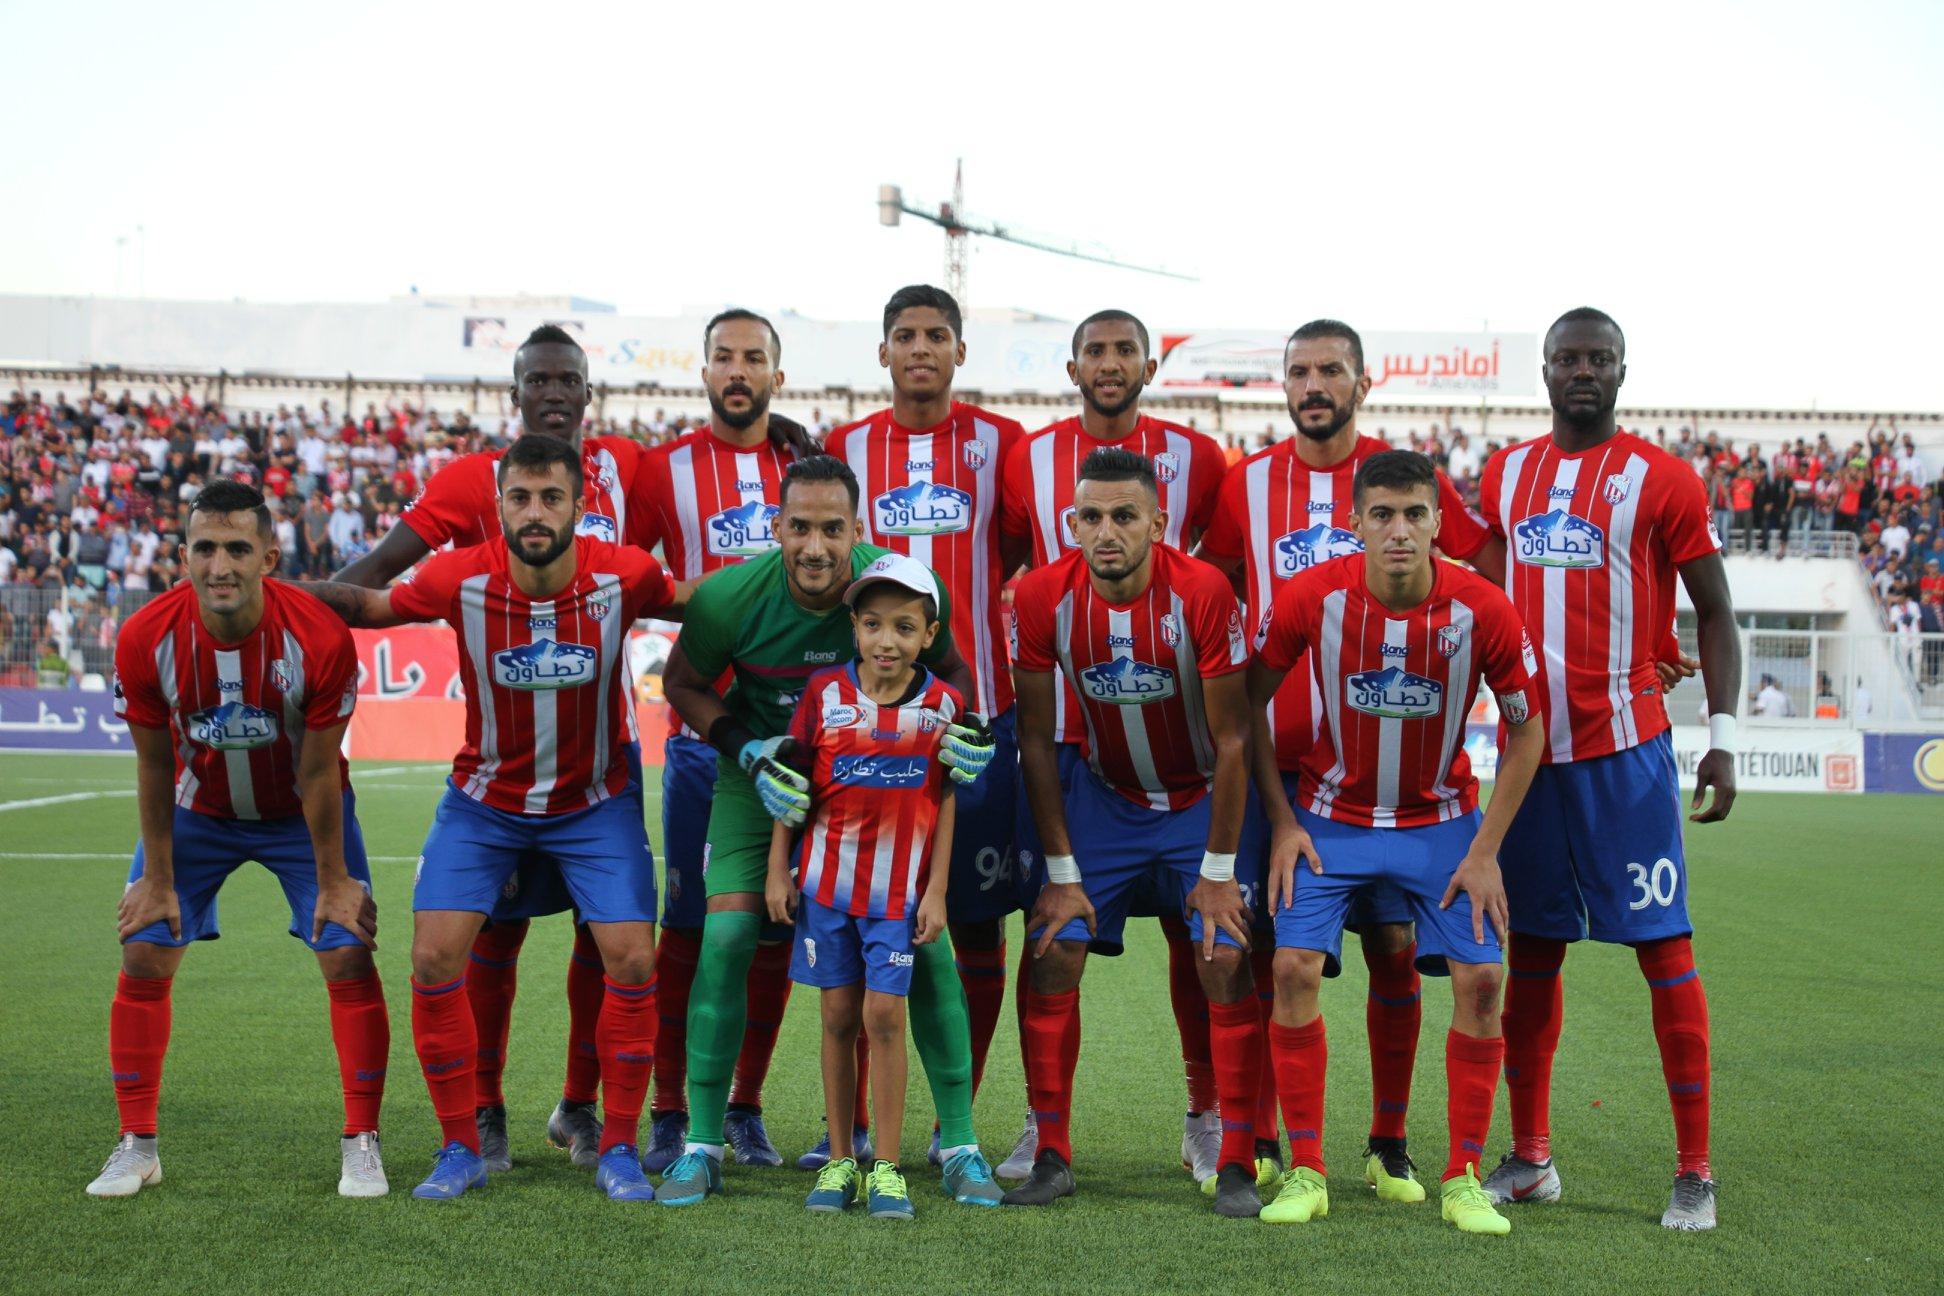 البطولة الإحترافية: المغرب التطواني بالعلامة الكاملة